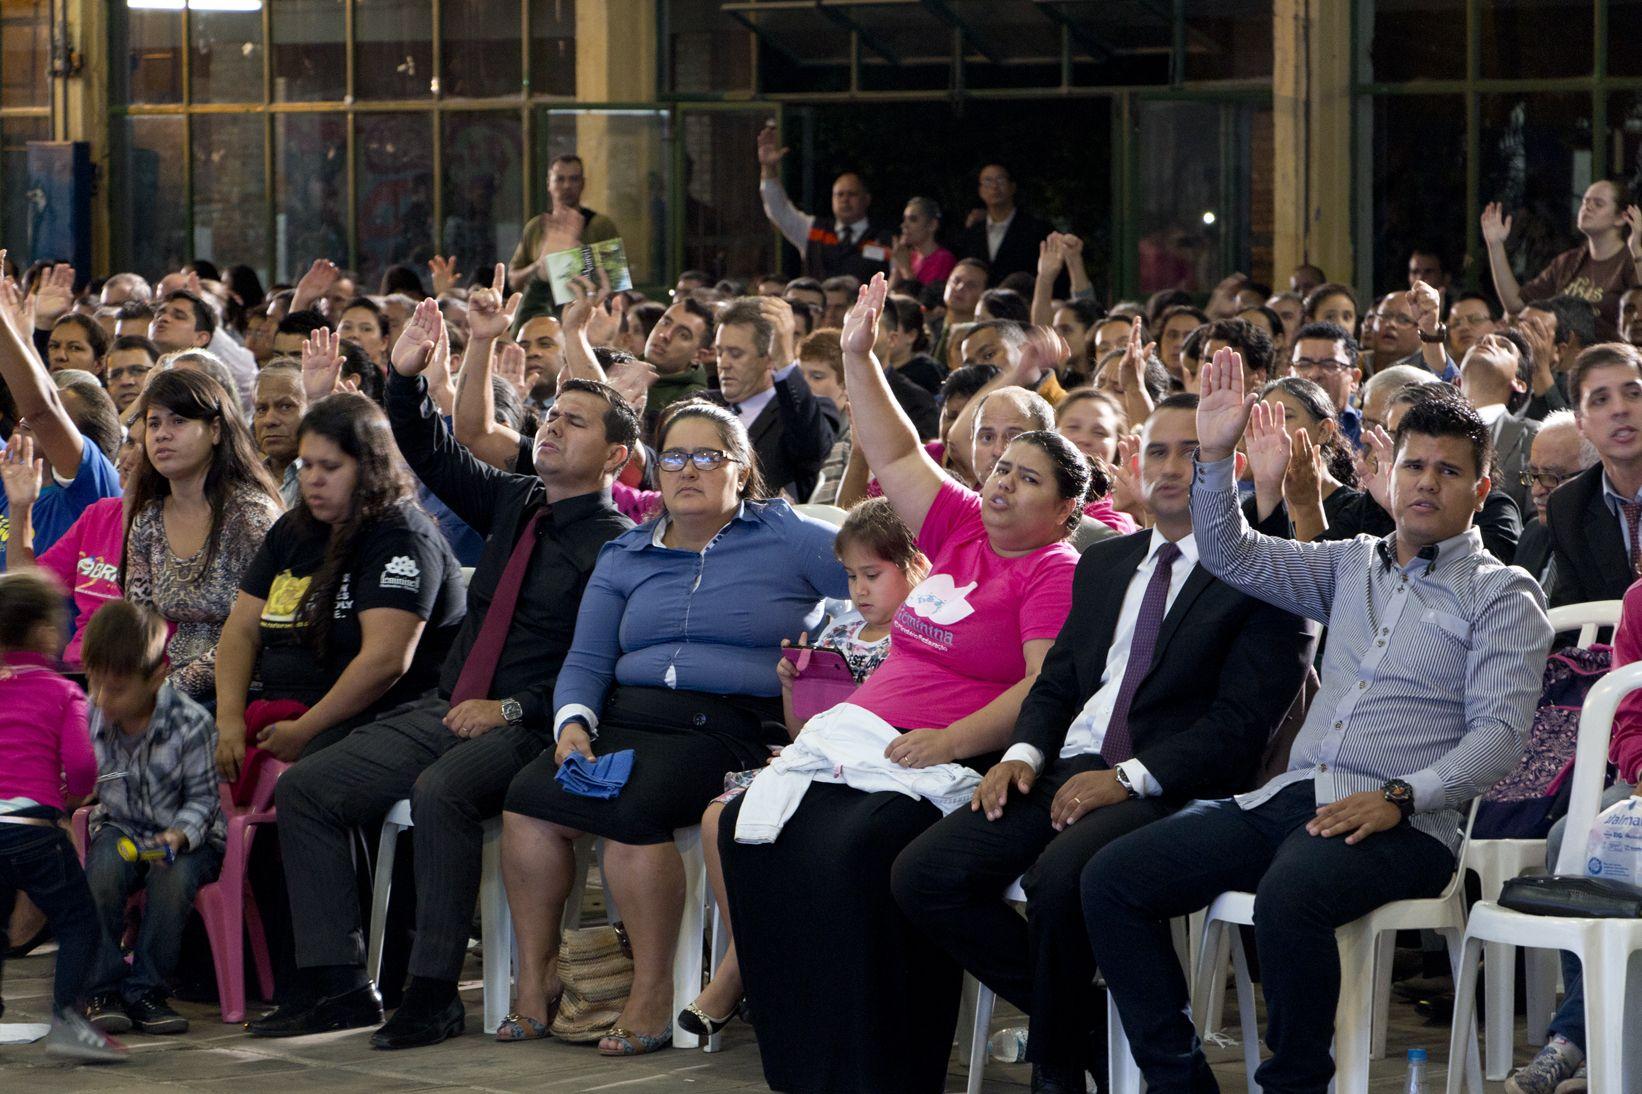 Congresso Geral 2016 - 3º Dia - 27.03.2016 (68)